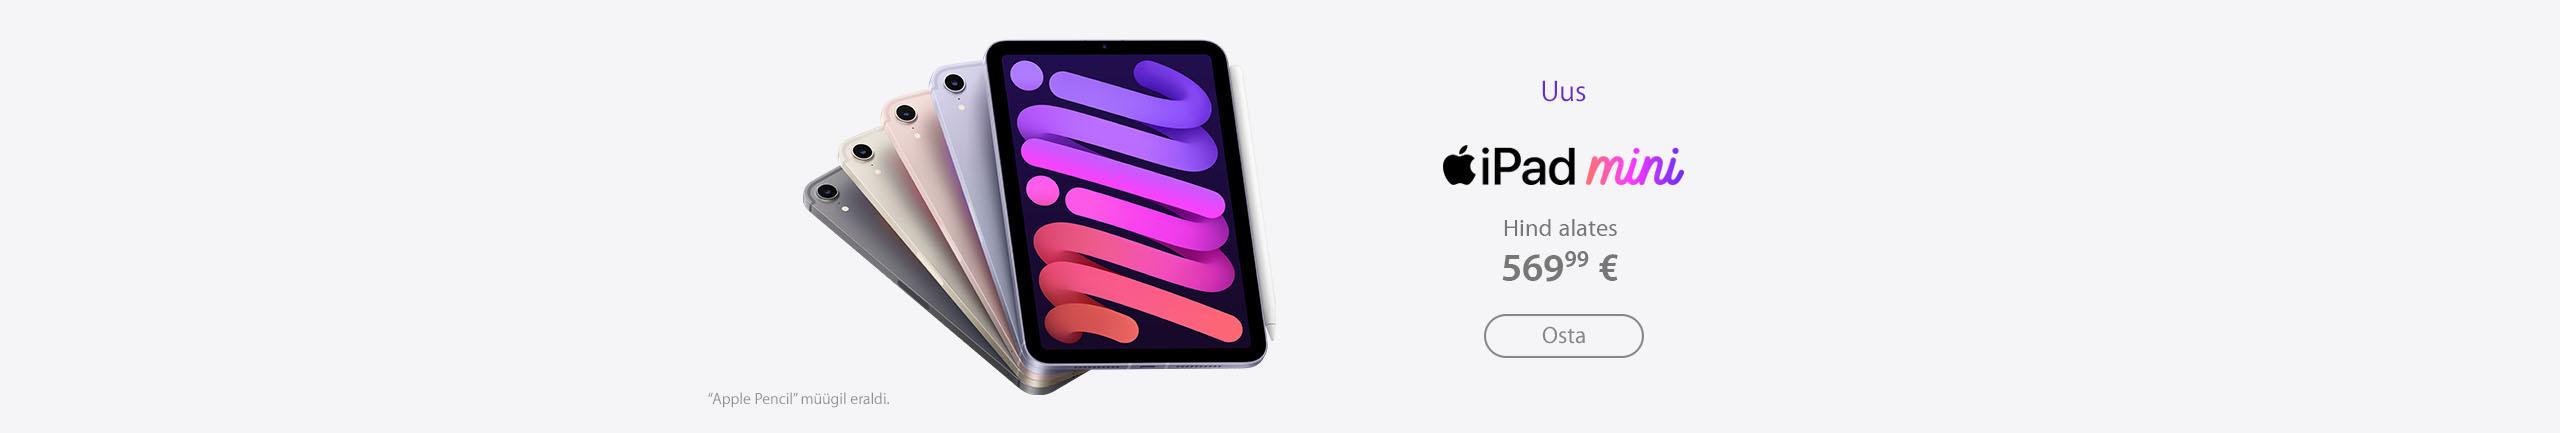 NPL Osta uus Apple iPad mini